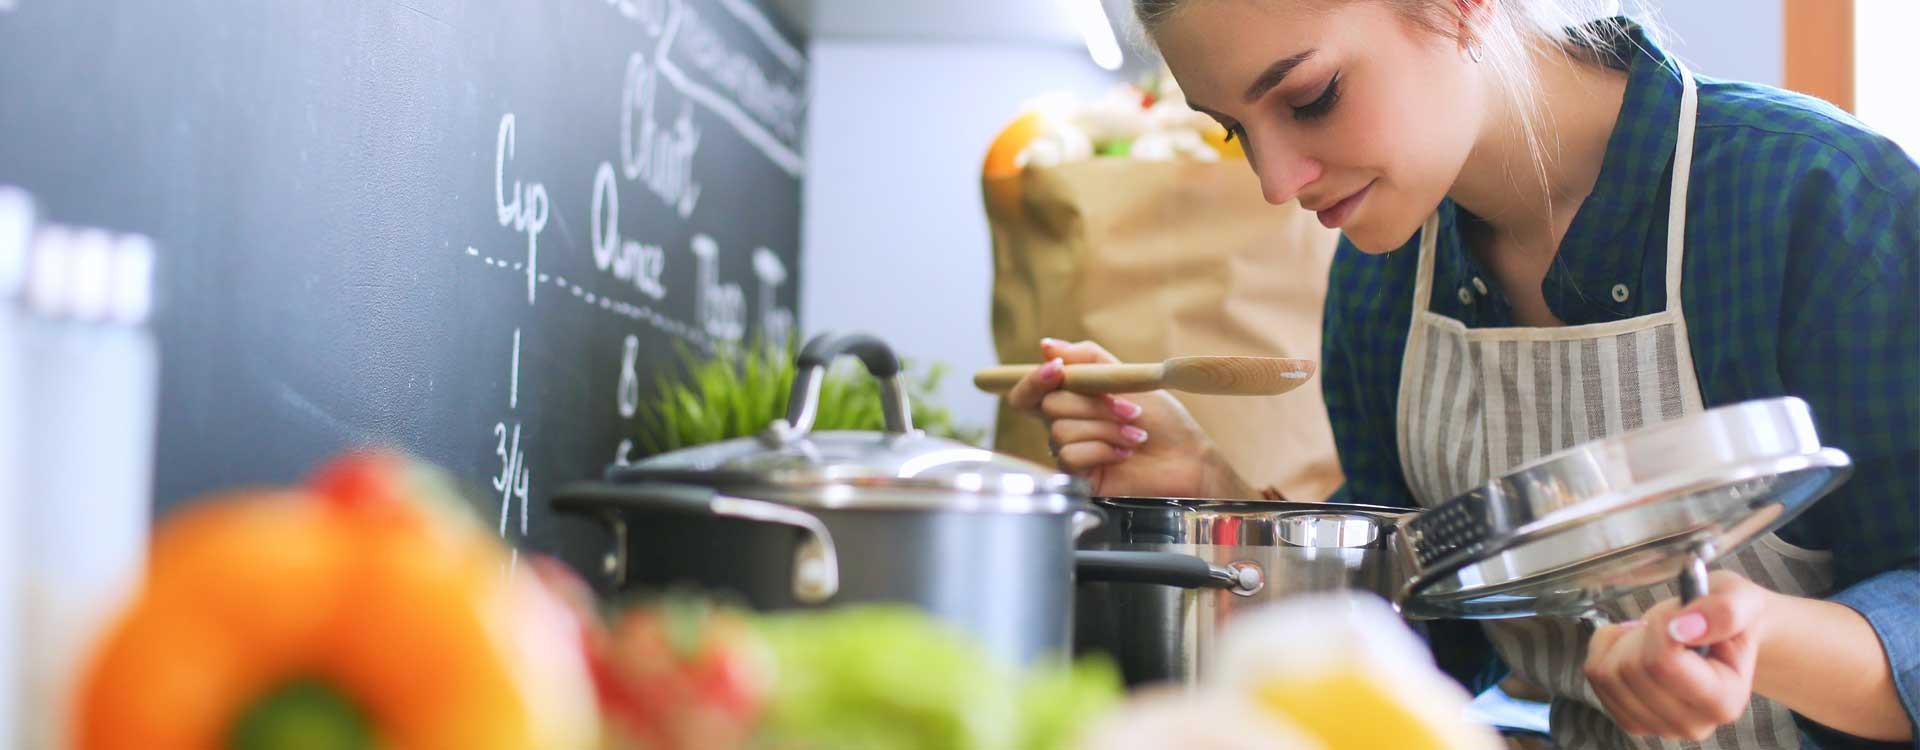 Najbardziej przydatne naczynia kuchenne. Część 2: Szybkowar